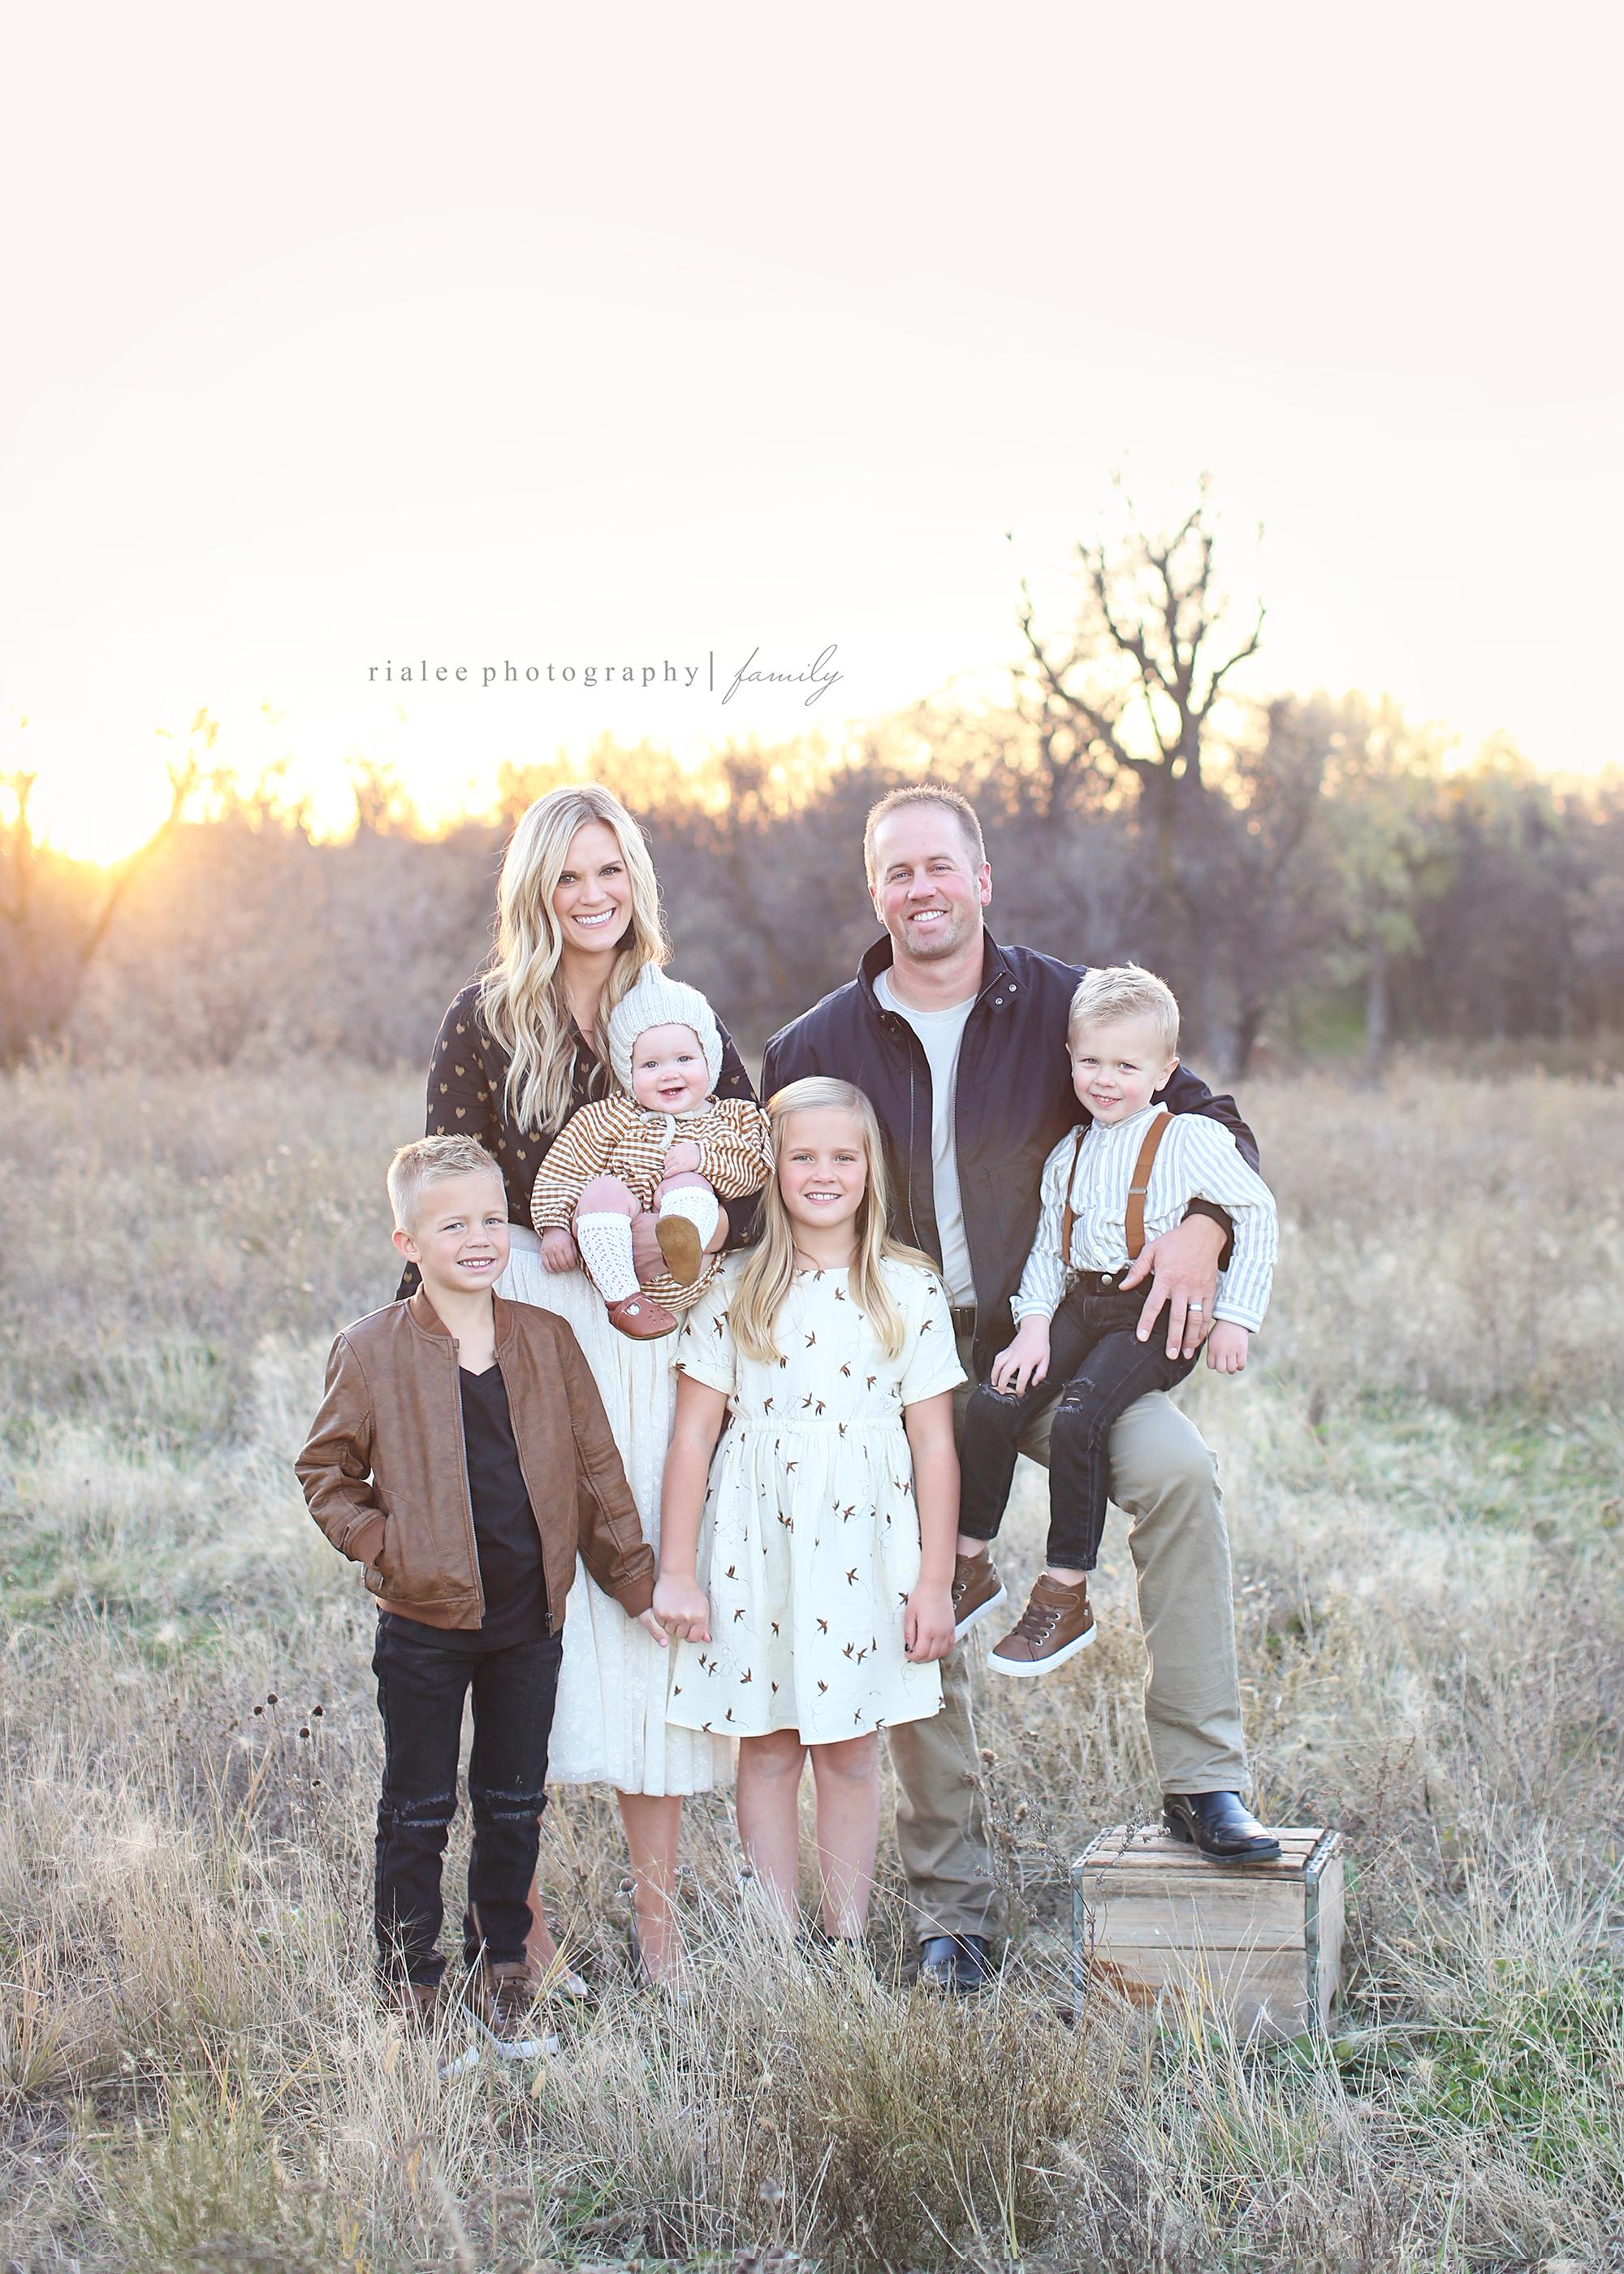 bestfamilyphotographerfargomoorhead.jpg